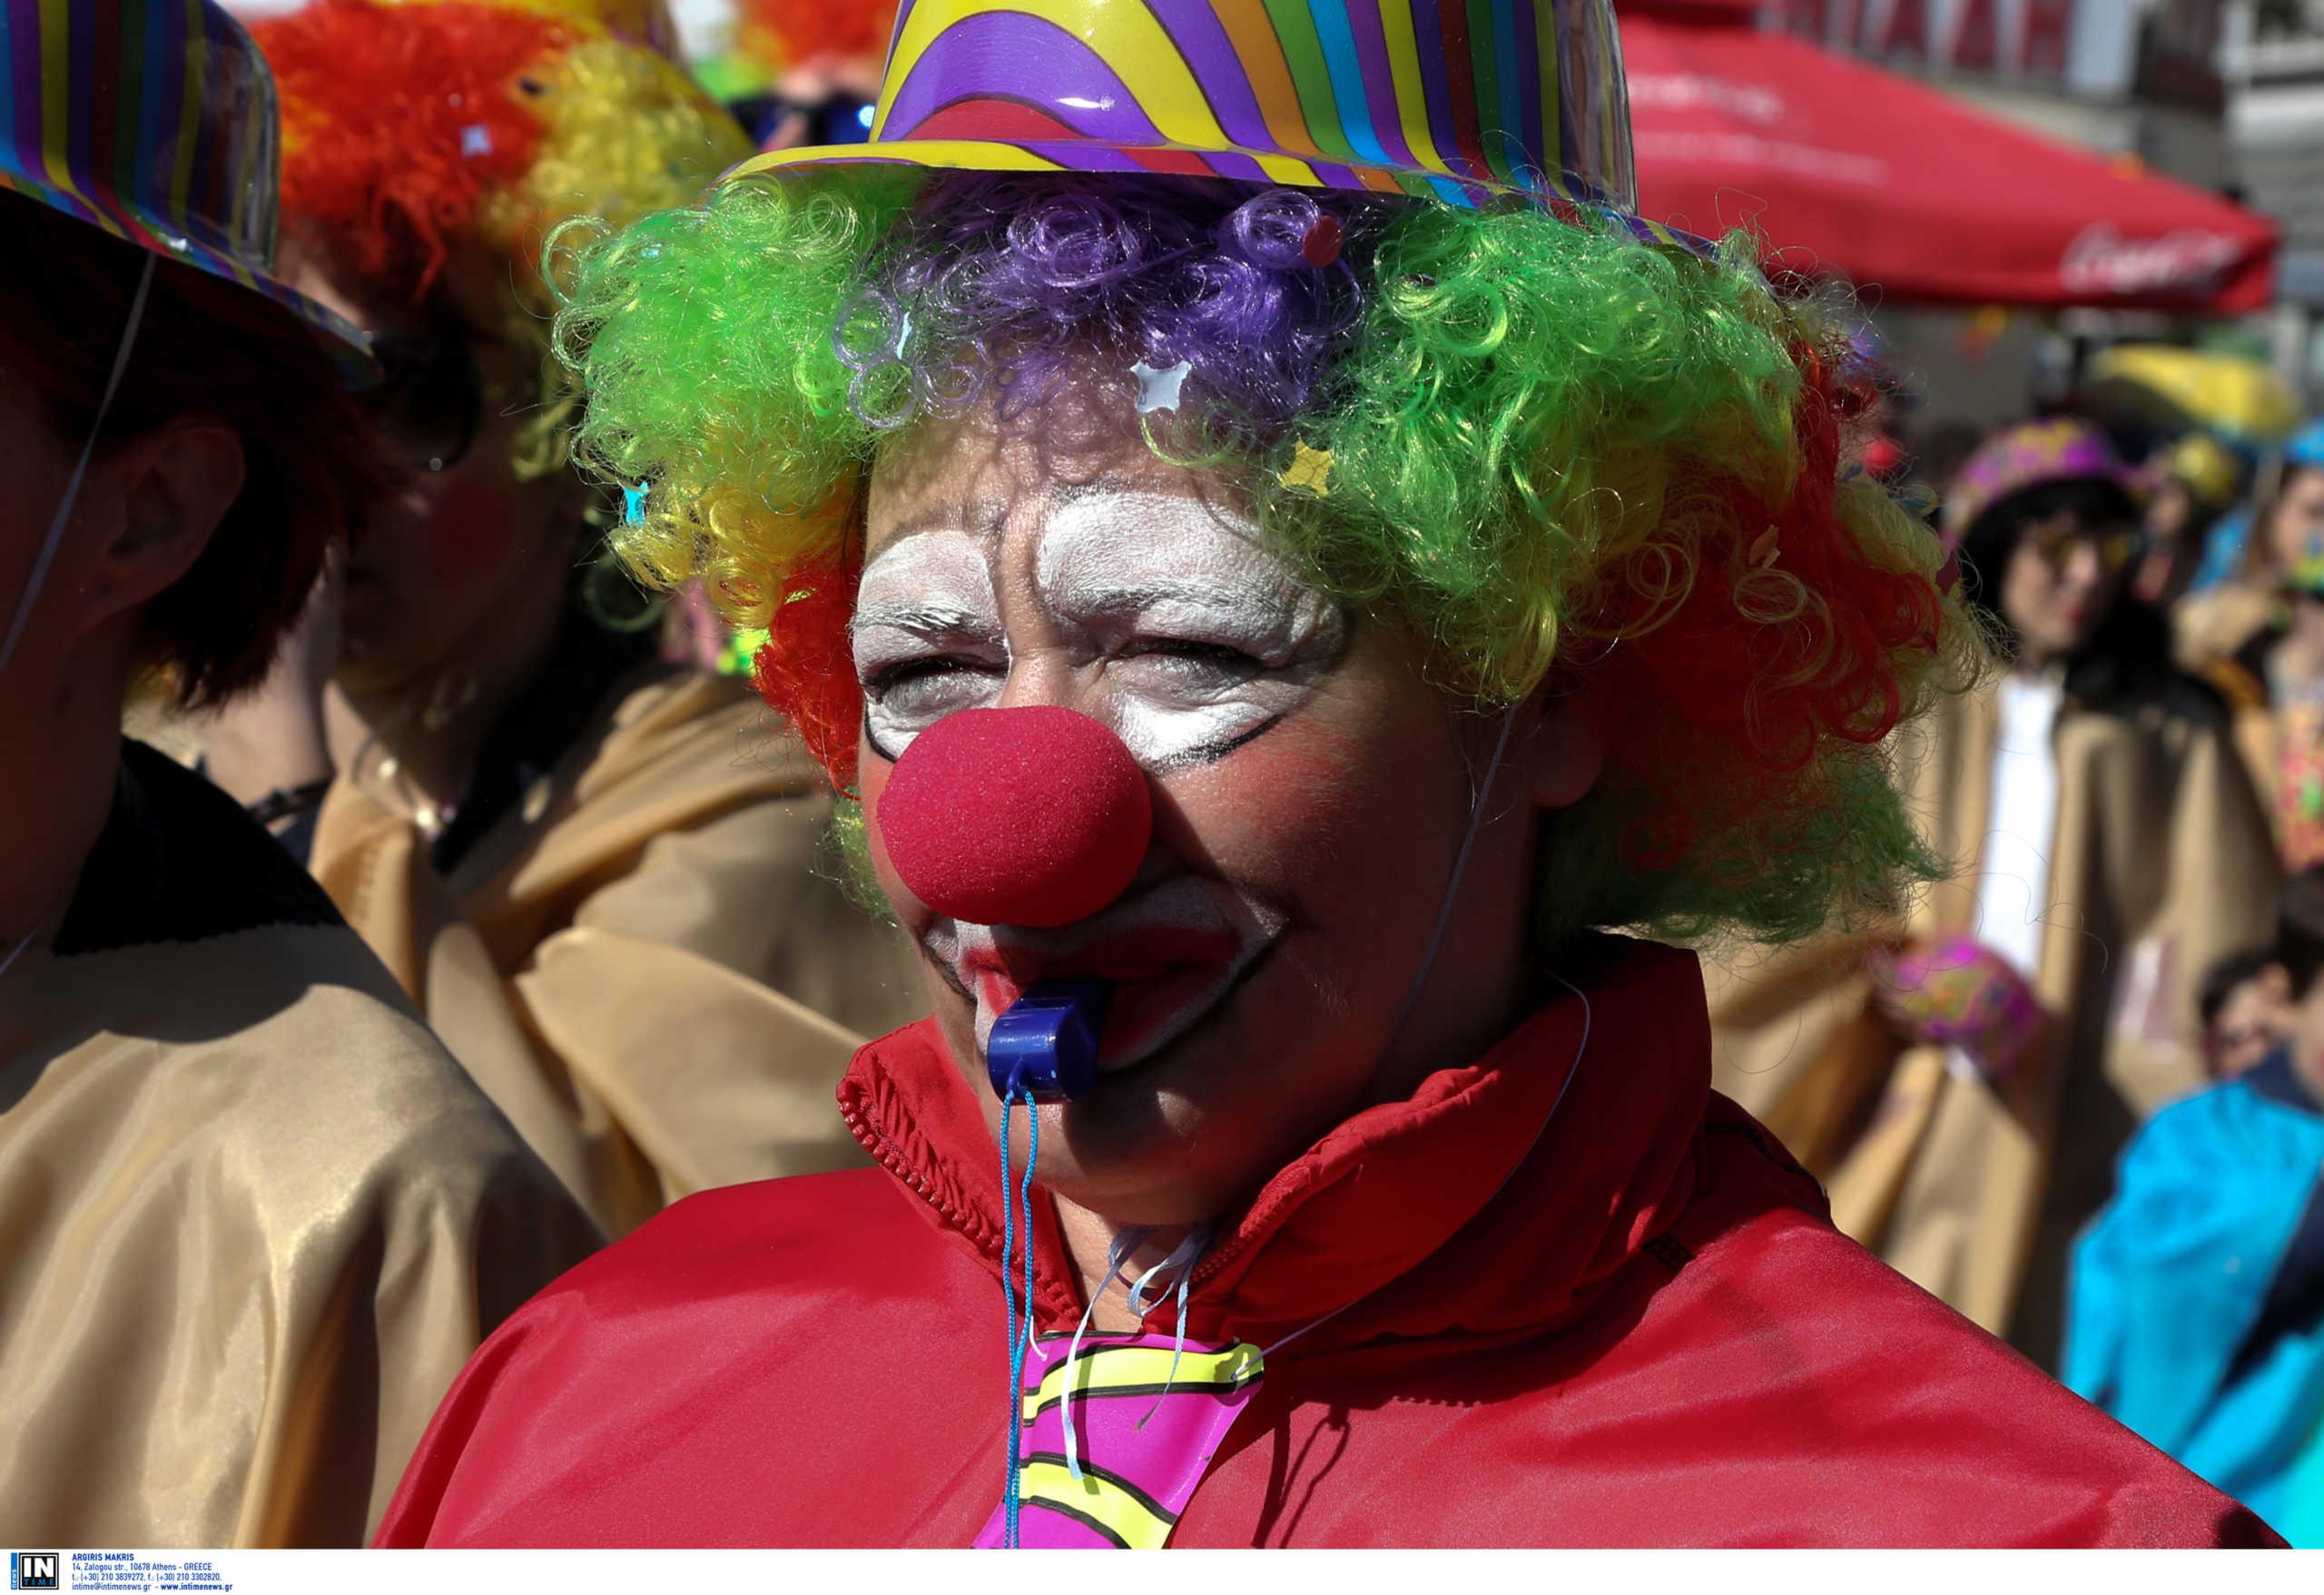 Ξάνθη: Έσπασε κάθε προηγούμενο ρεκόρ η συμμετοχή στην παιδική καρναβαλική παρέλαση (Βίντεο)